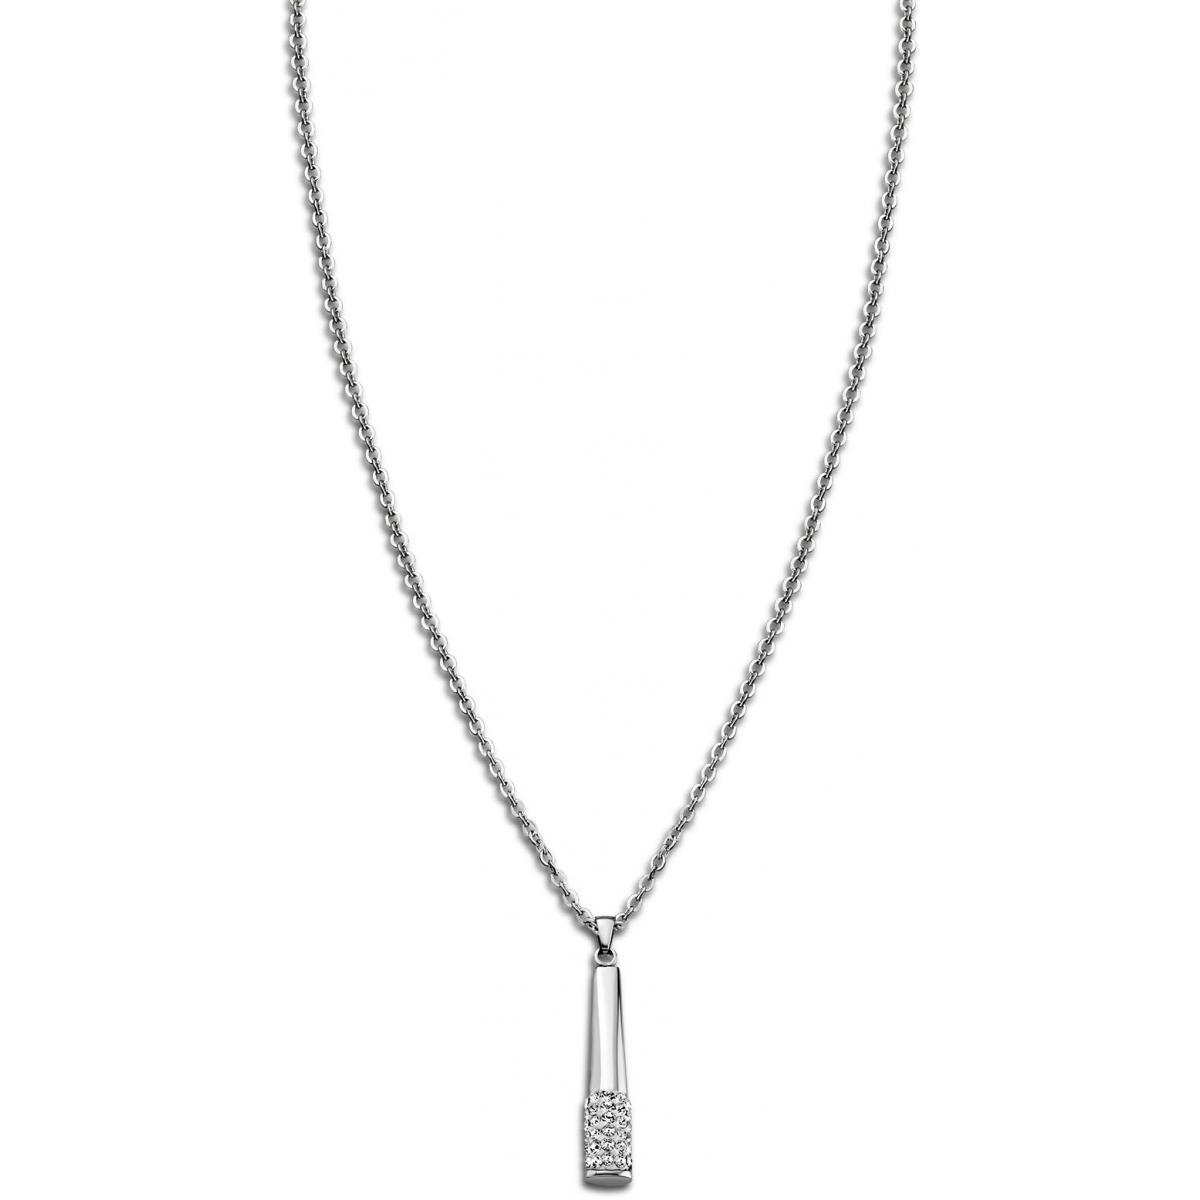 Collier et pendentif Rainbow LS1767-1-1 - Collier et pendentif Cristaux Acier Pendentif - 3 suisses - Modalova